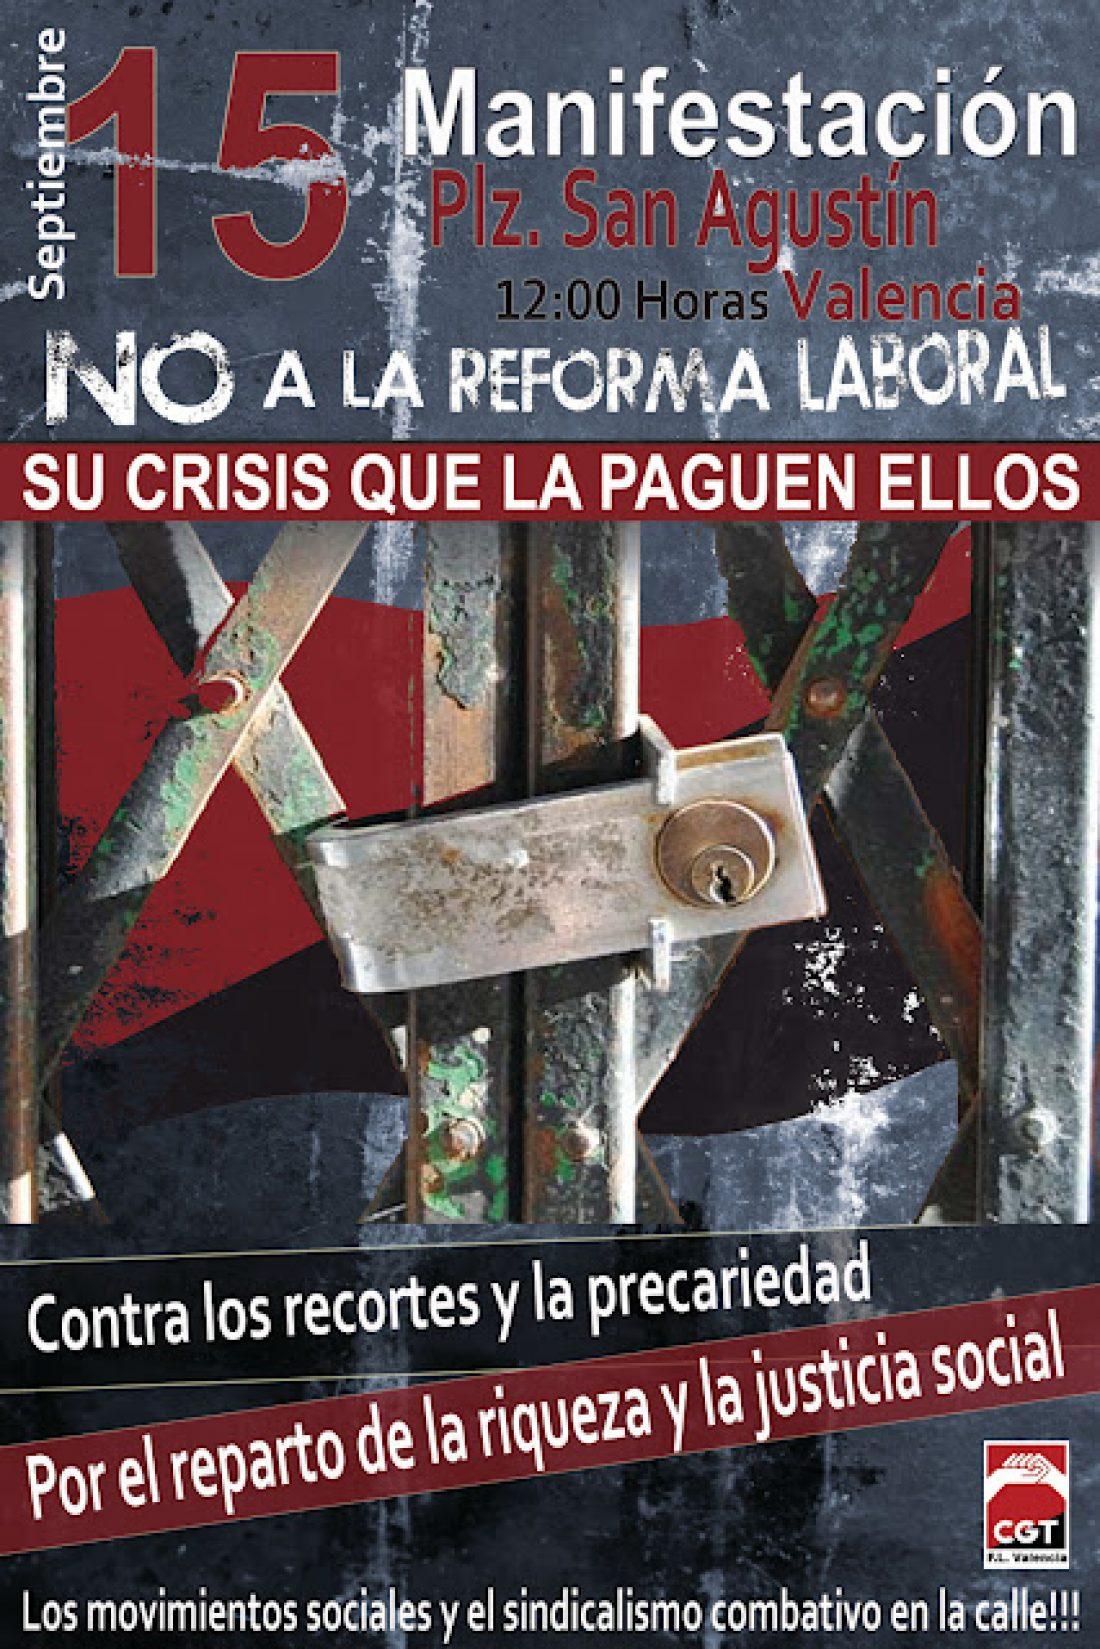 15-S Valencia: CGT convoca manifestación contra los recortes y por una Huelga General